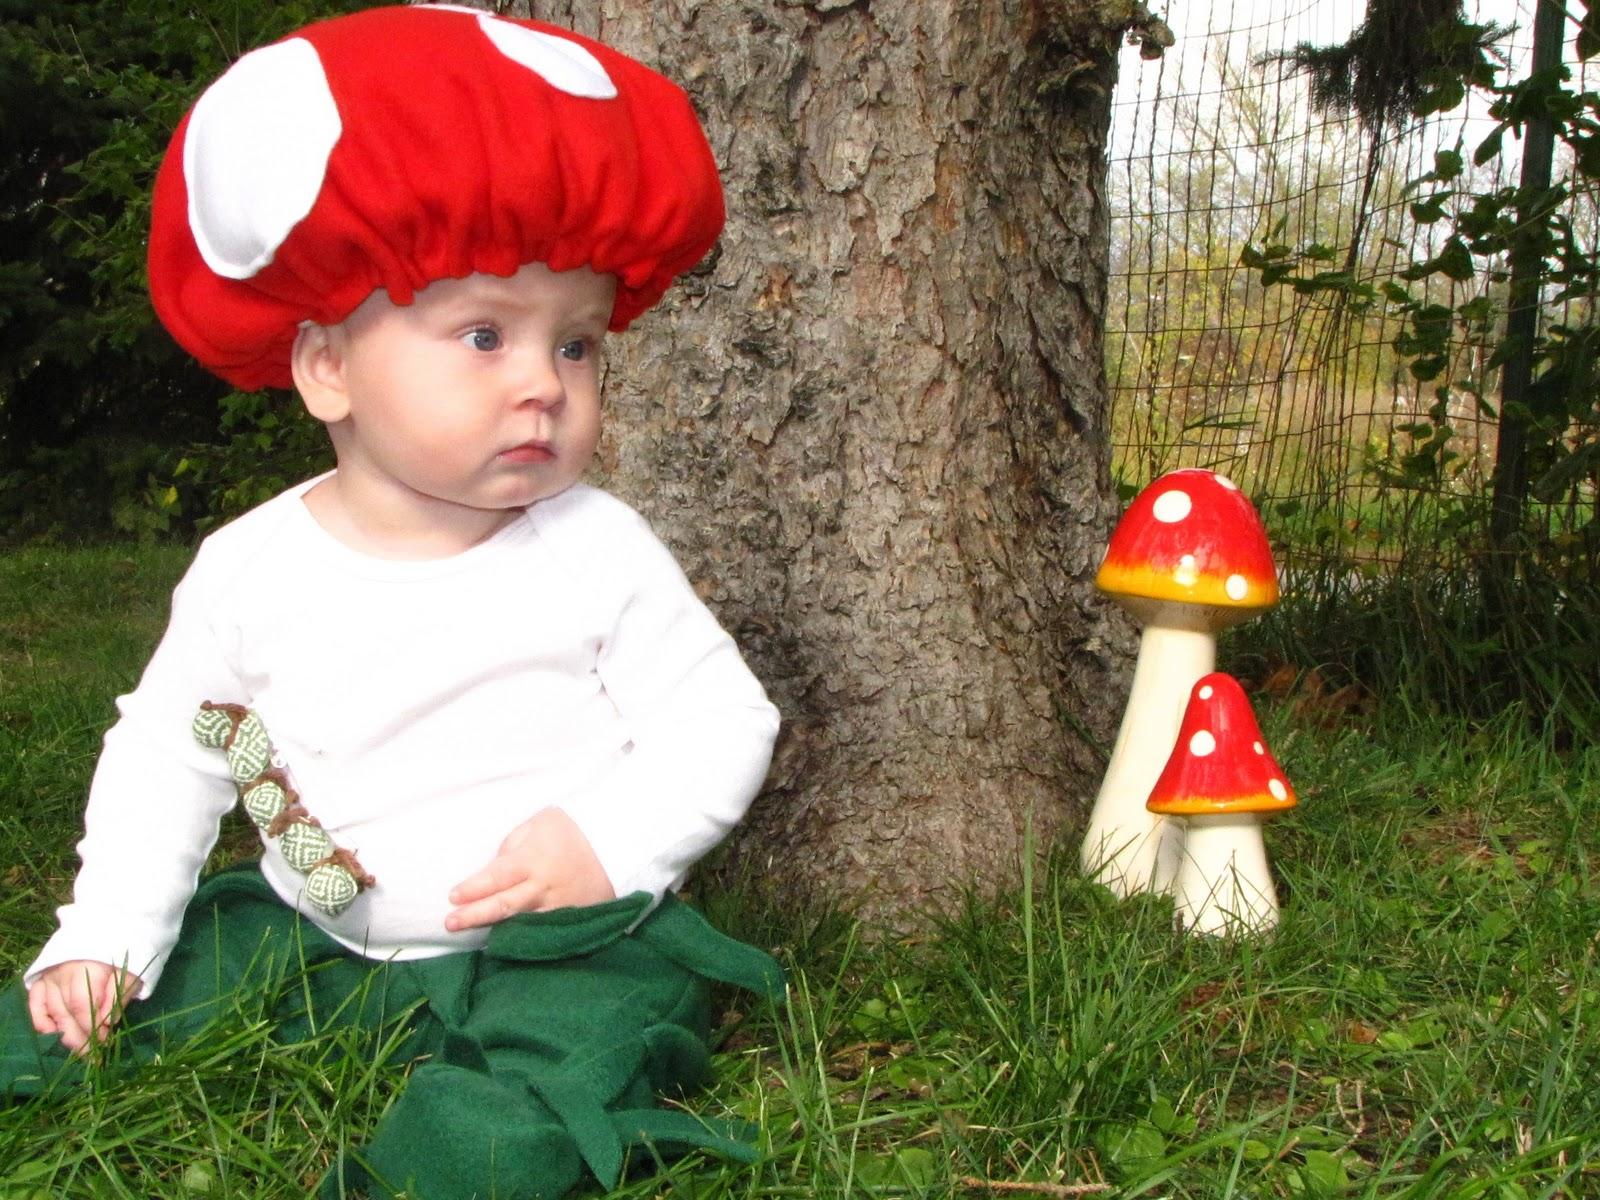 Diy mushroom costume